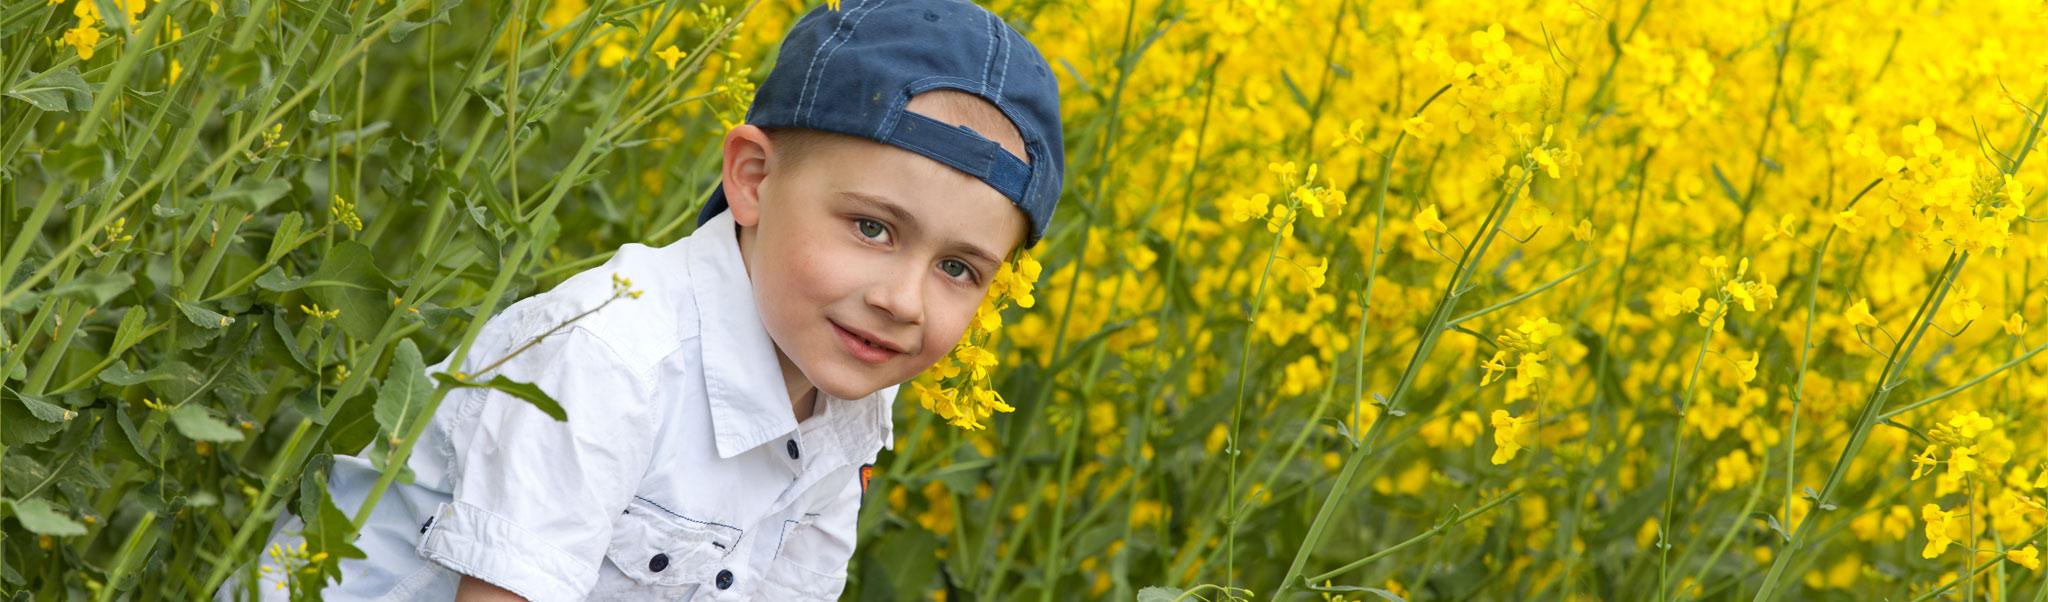 Natürliche Kinderfotogragie